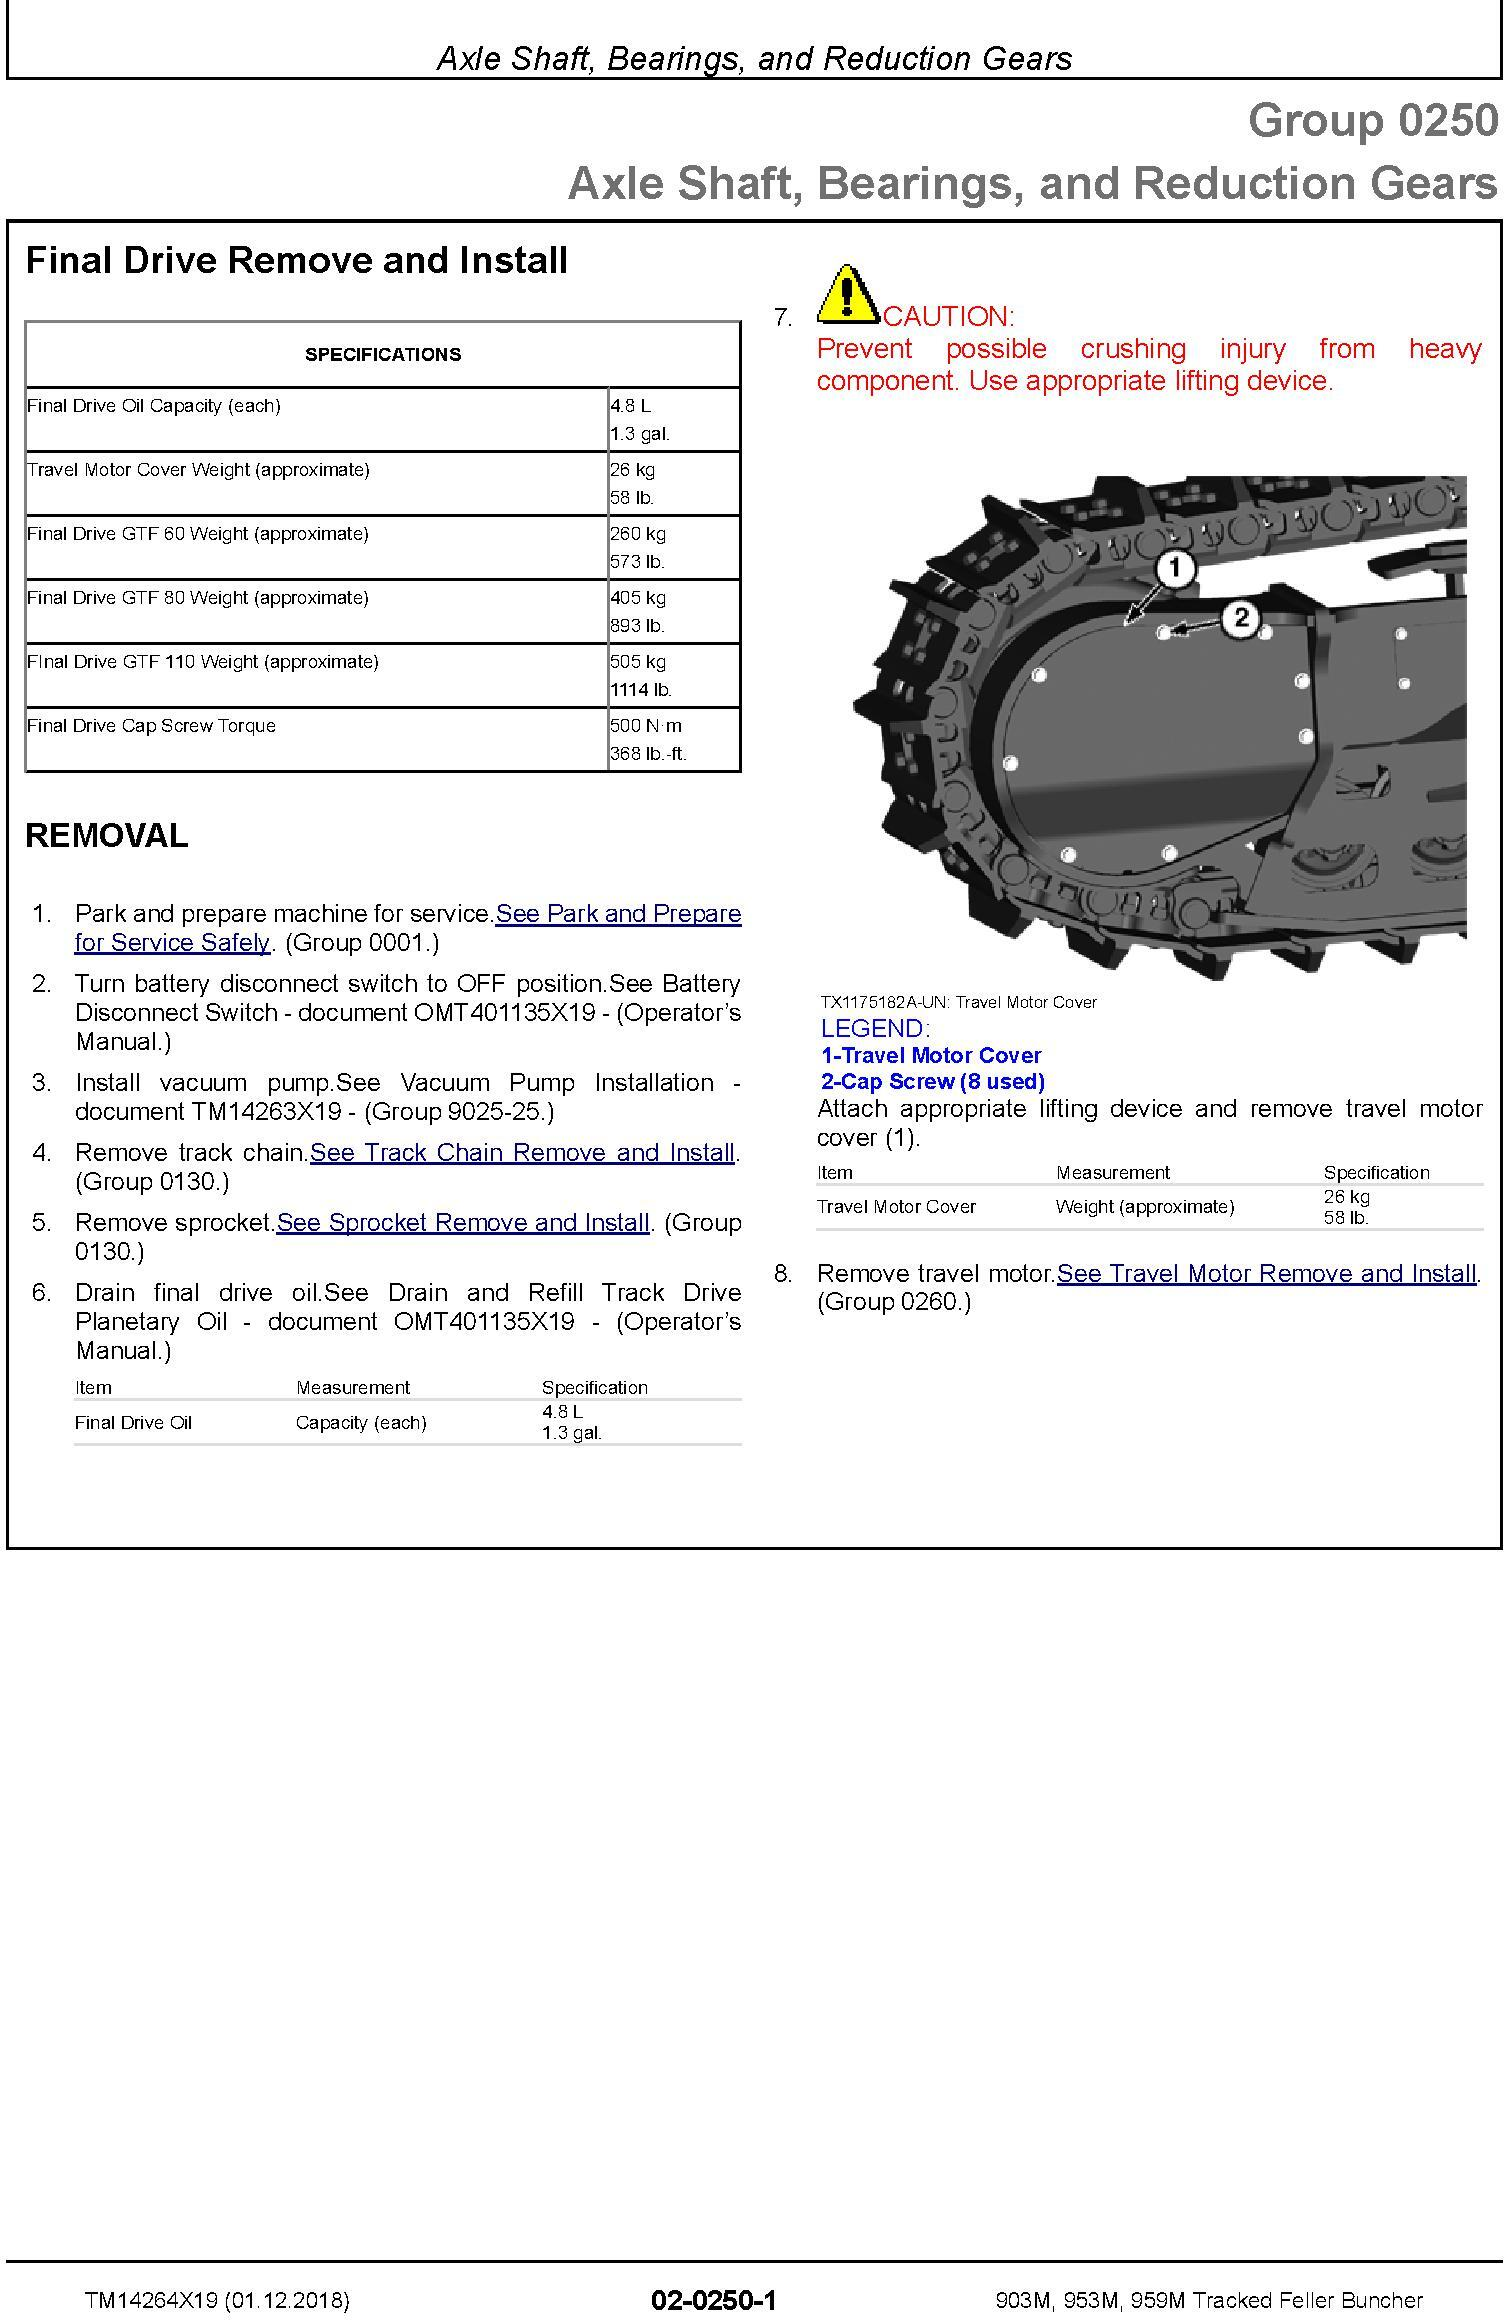 John Deere 903M, 953M, 959M (SN.C317982-,D317982-) Tracked Feller Buncher Repair Manual (TM14264X19) - 1